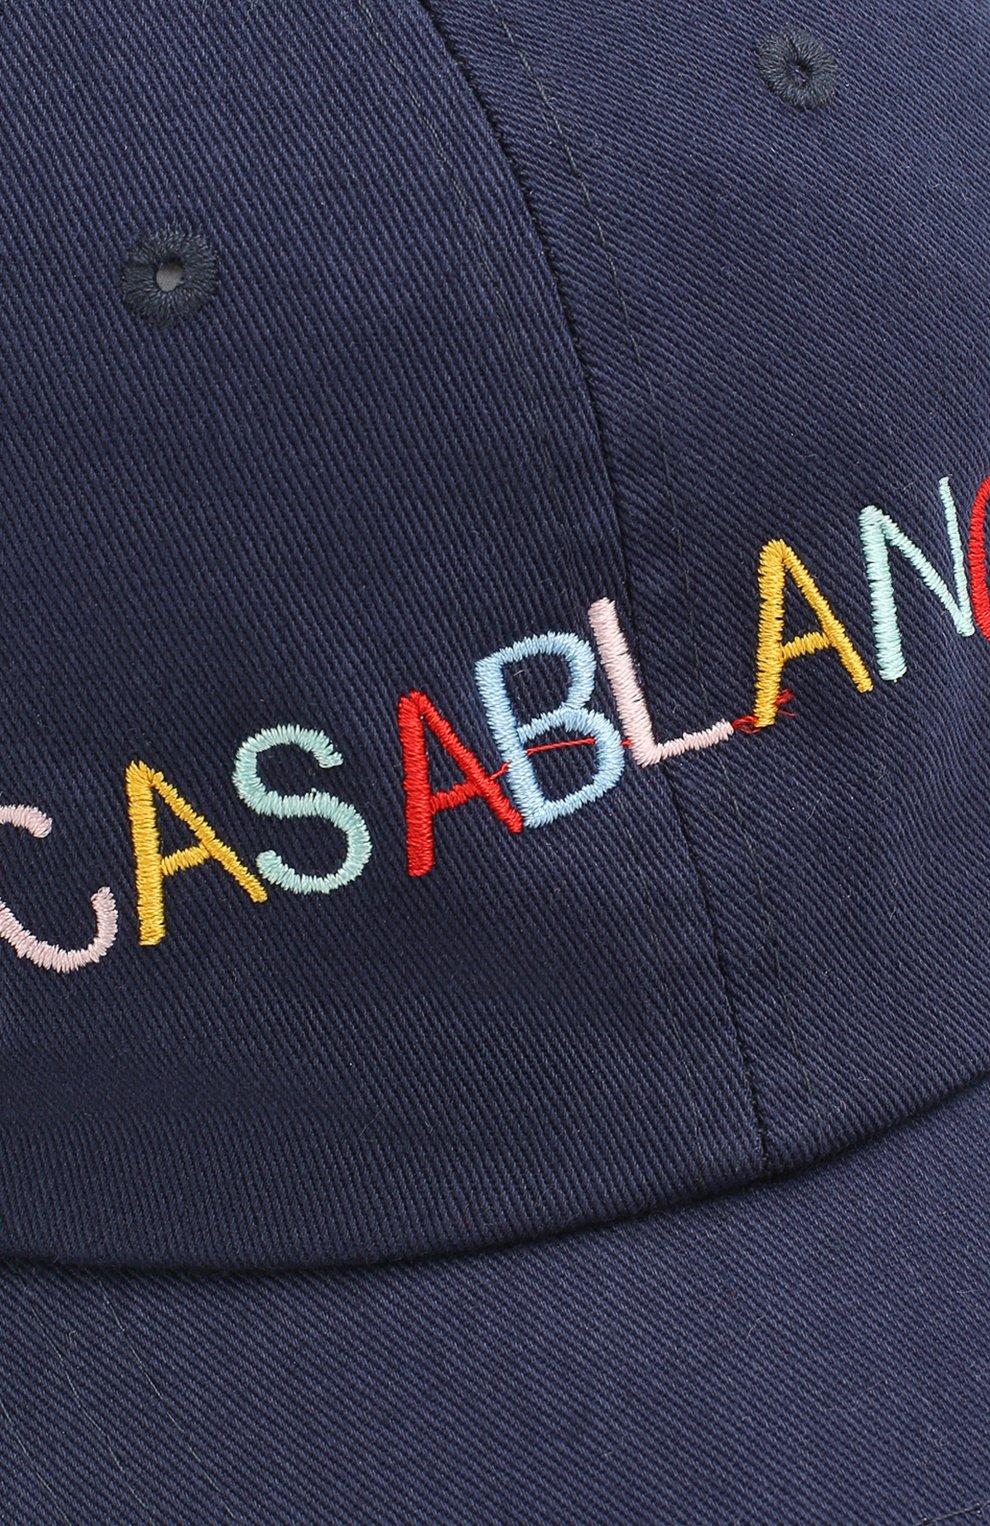 Мужской хлопковая бейсболка CASABLANCA темно-синего цвета, арт. AC20-HAT-002 CASA 0CEAN RES0RT CAP   Фото 2